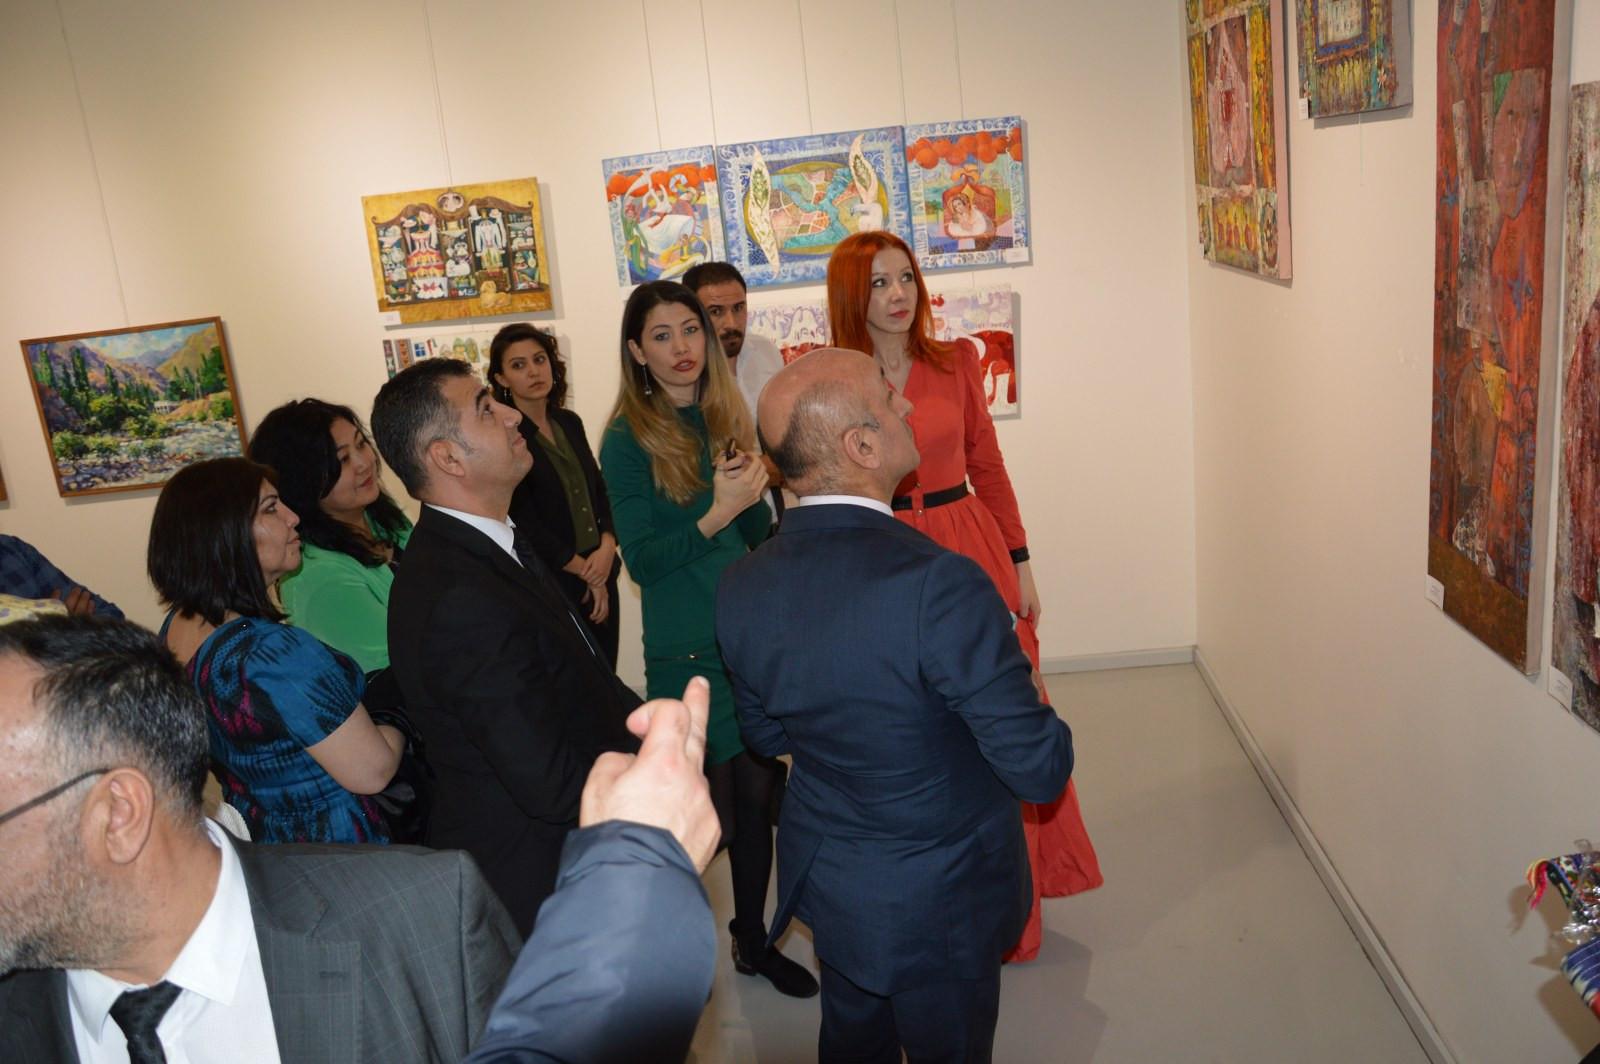 Türk Dünyasından Kadın Sanatçılar İstanbul'da Buluştu Galeri - 10. Resim